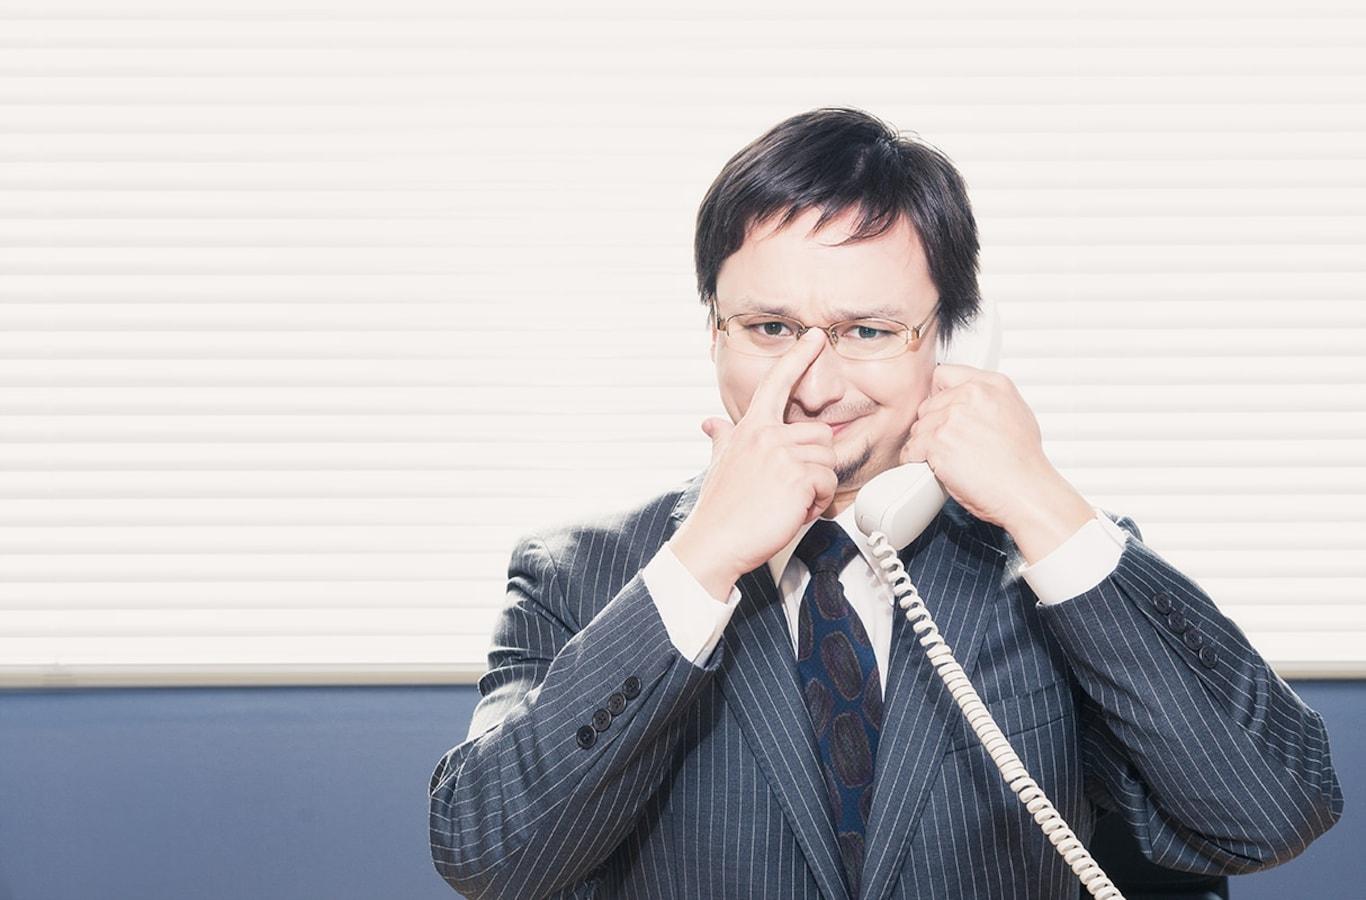 クレーム対応の電話の仕方!対応マニュアルとNG行為(例文つき)